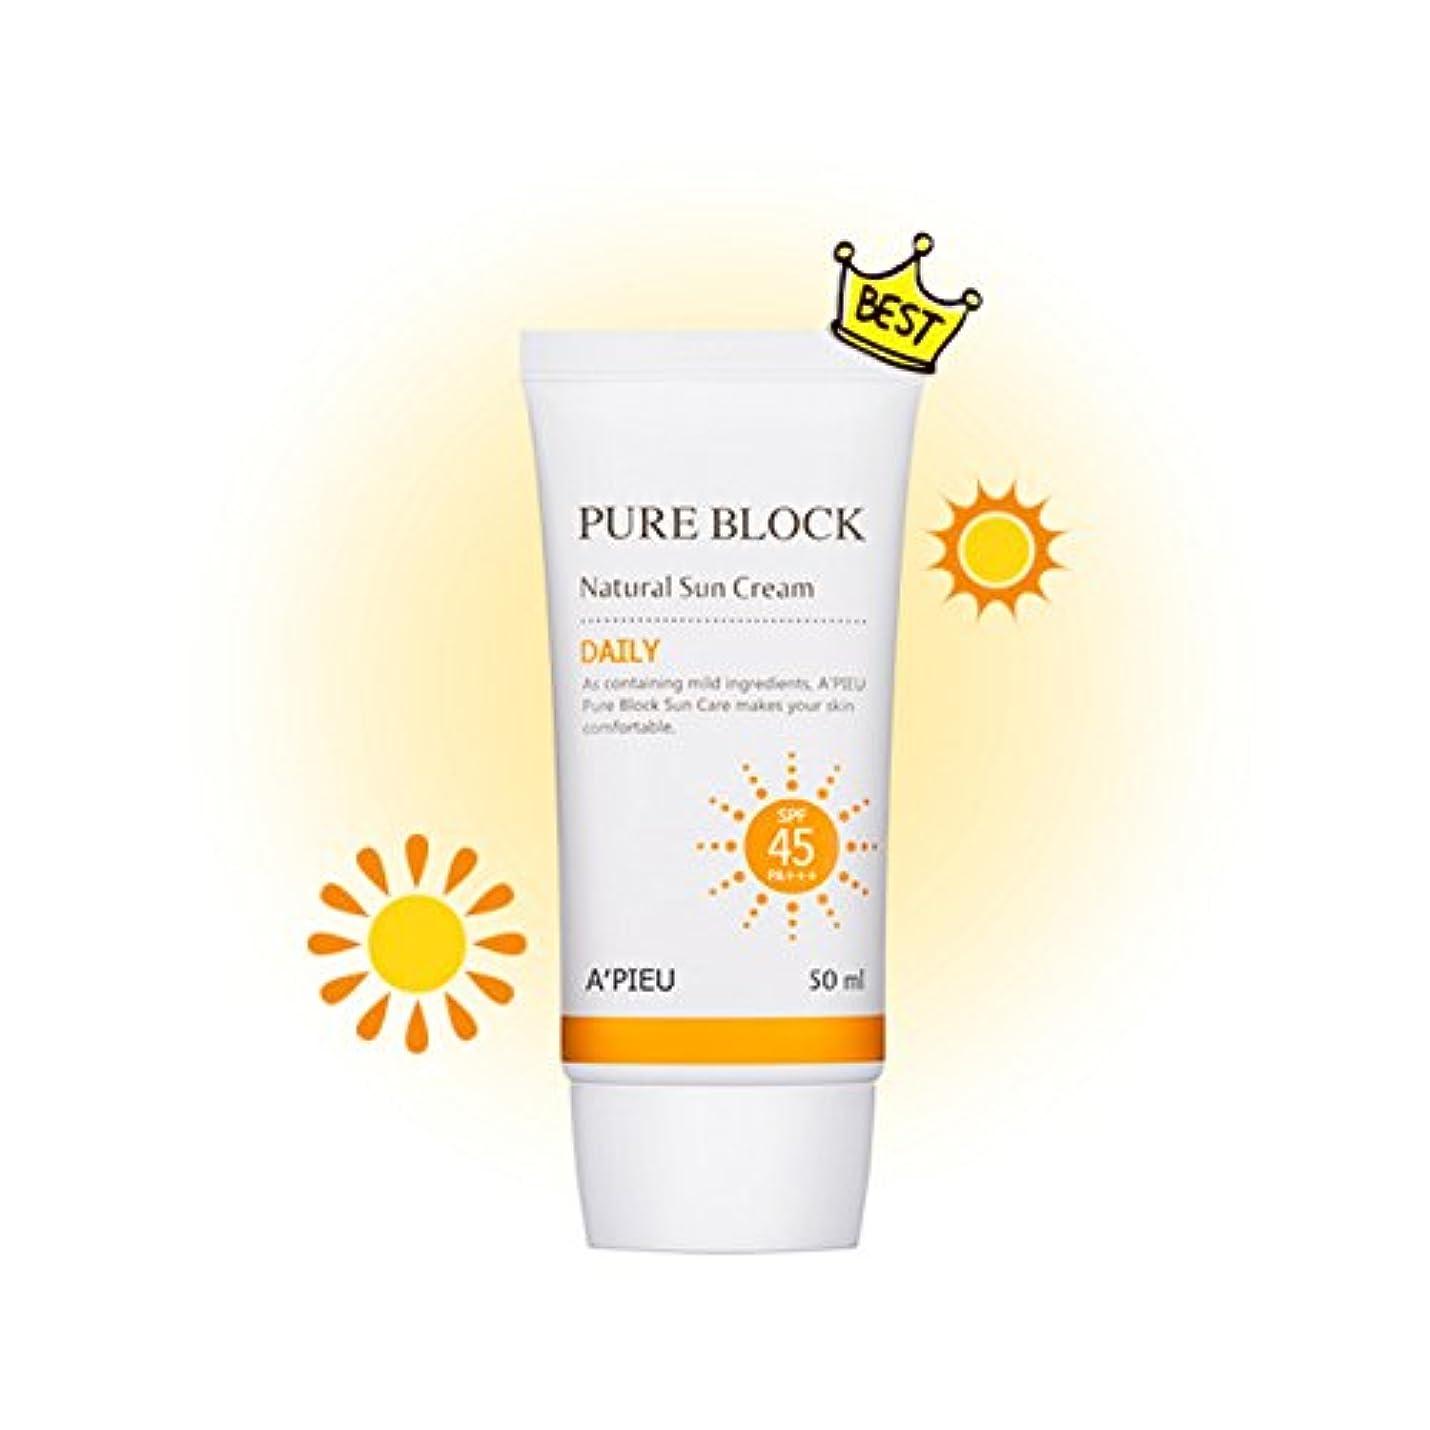 確率クルーズ火山[オピュ] A'PIEU ピュアブロックナチュラルデイリー日焼け止め Pure Block Natural Daily Sun Cream SPF 45 PA+++ [並行輸入品]